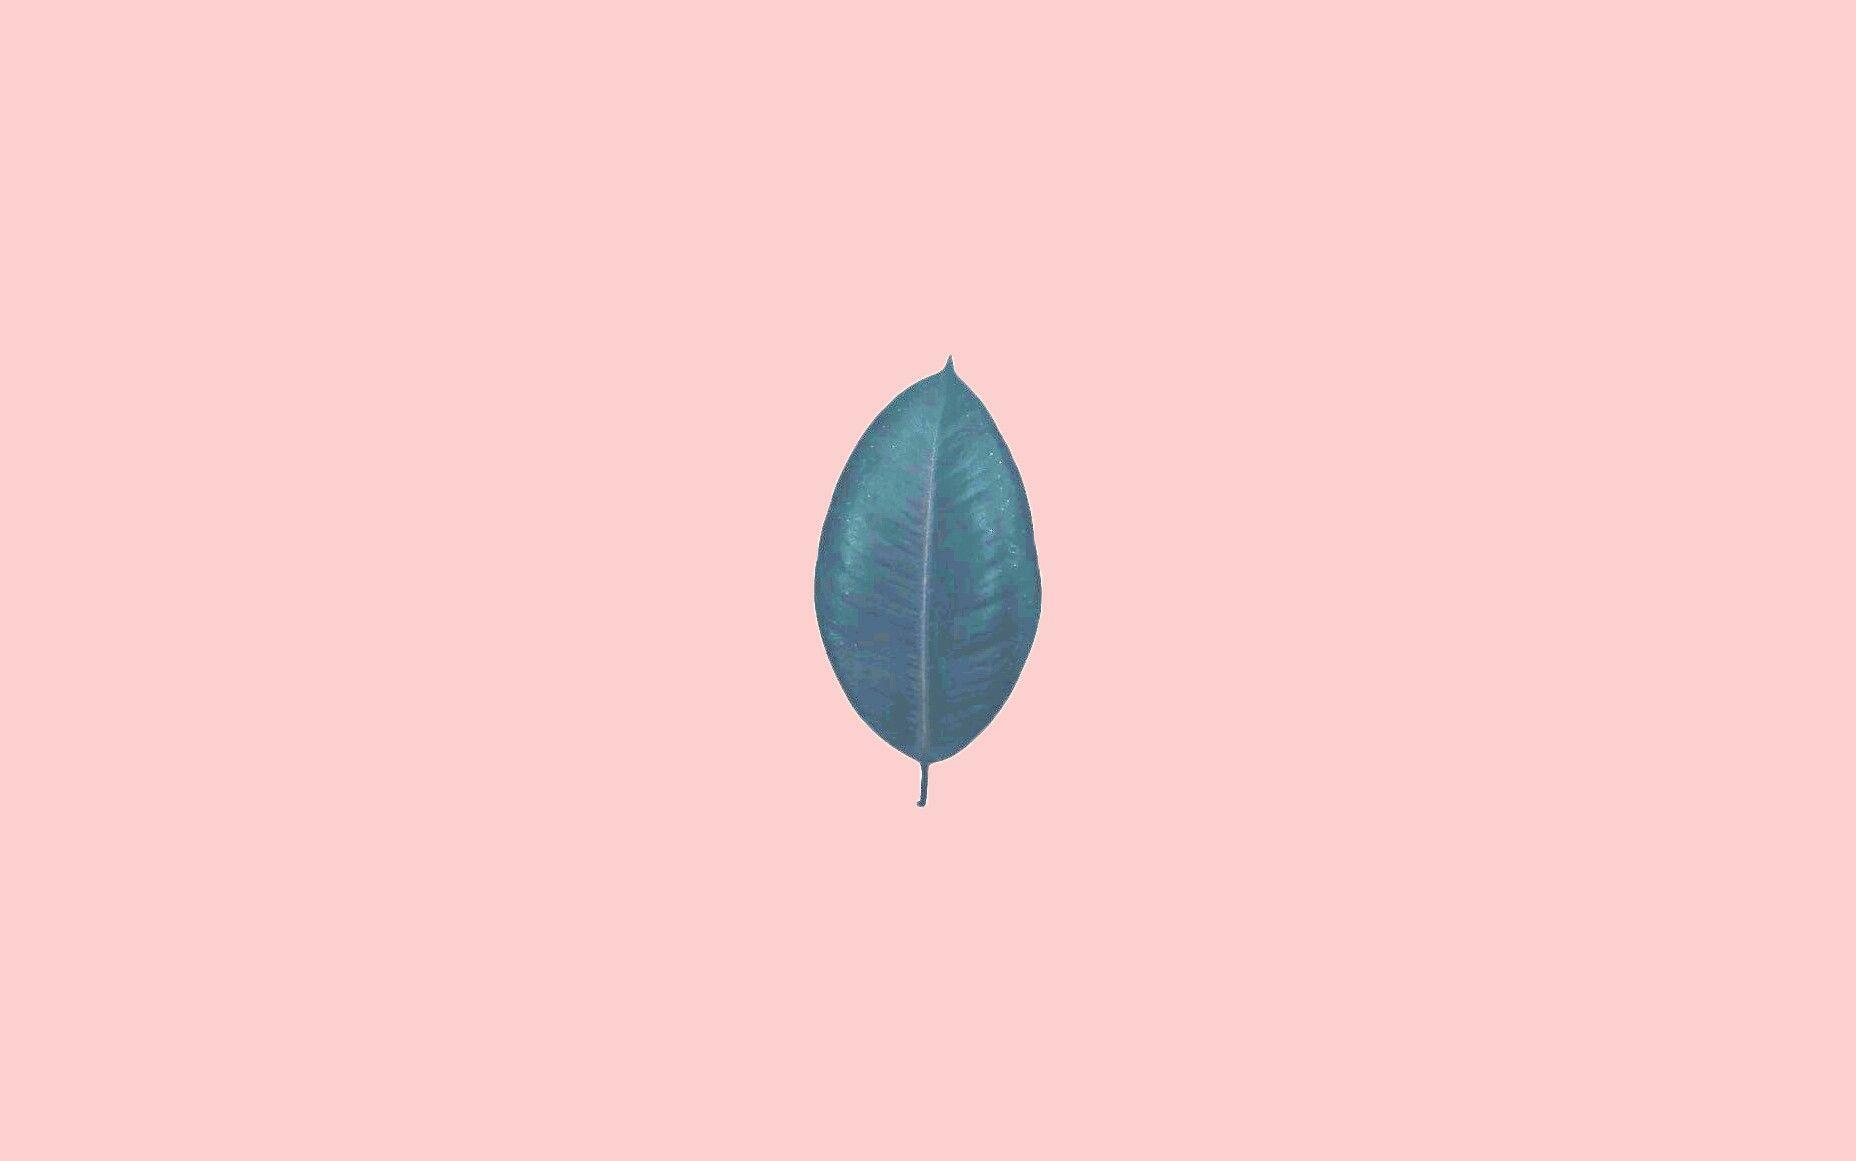 Fall Macbook Wallpaper Tumblr Pastel Aesthetic